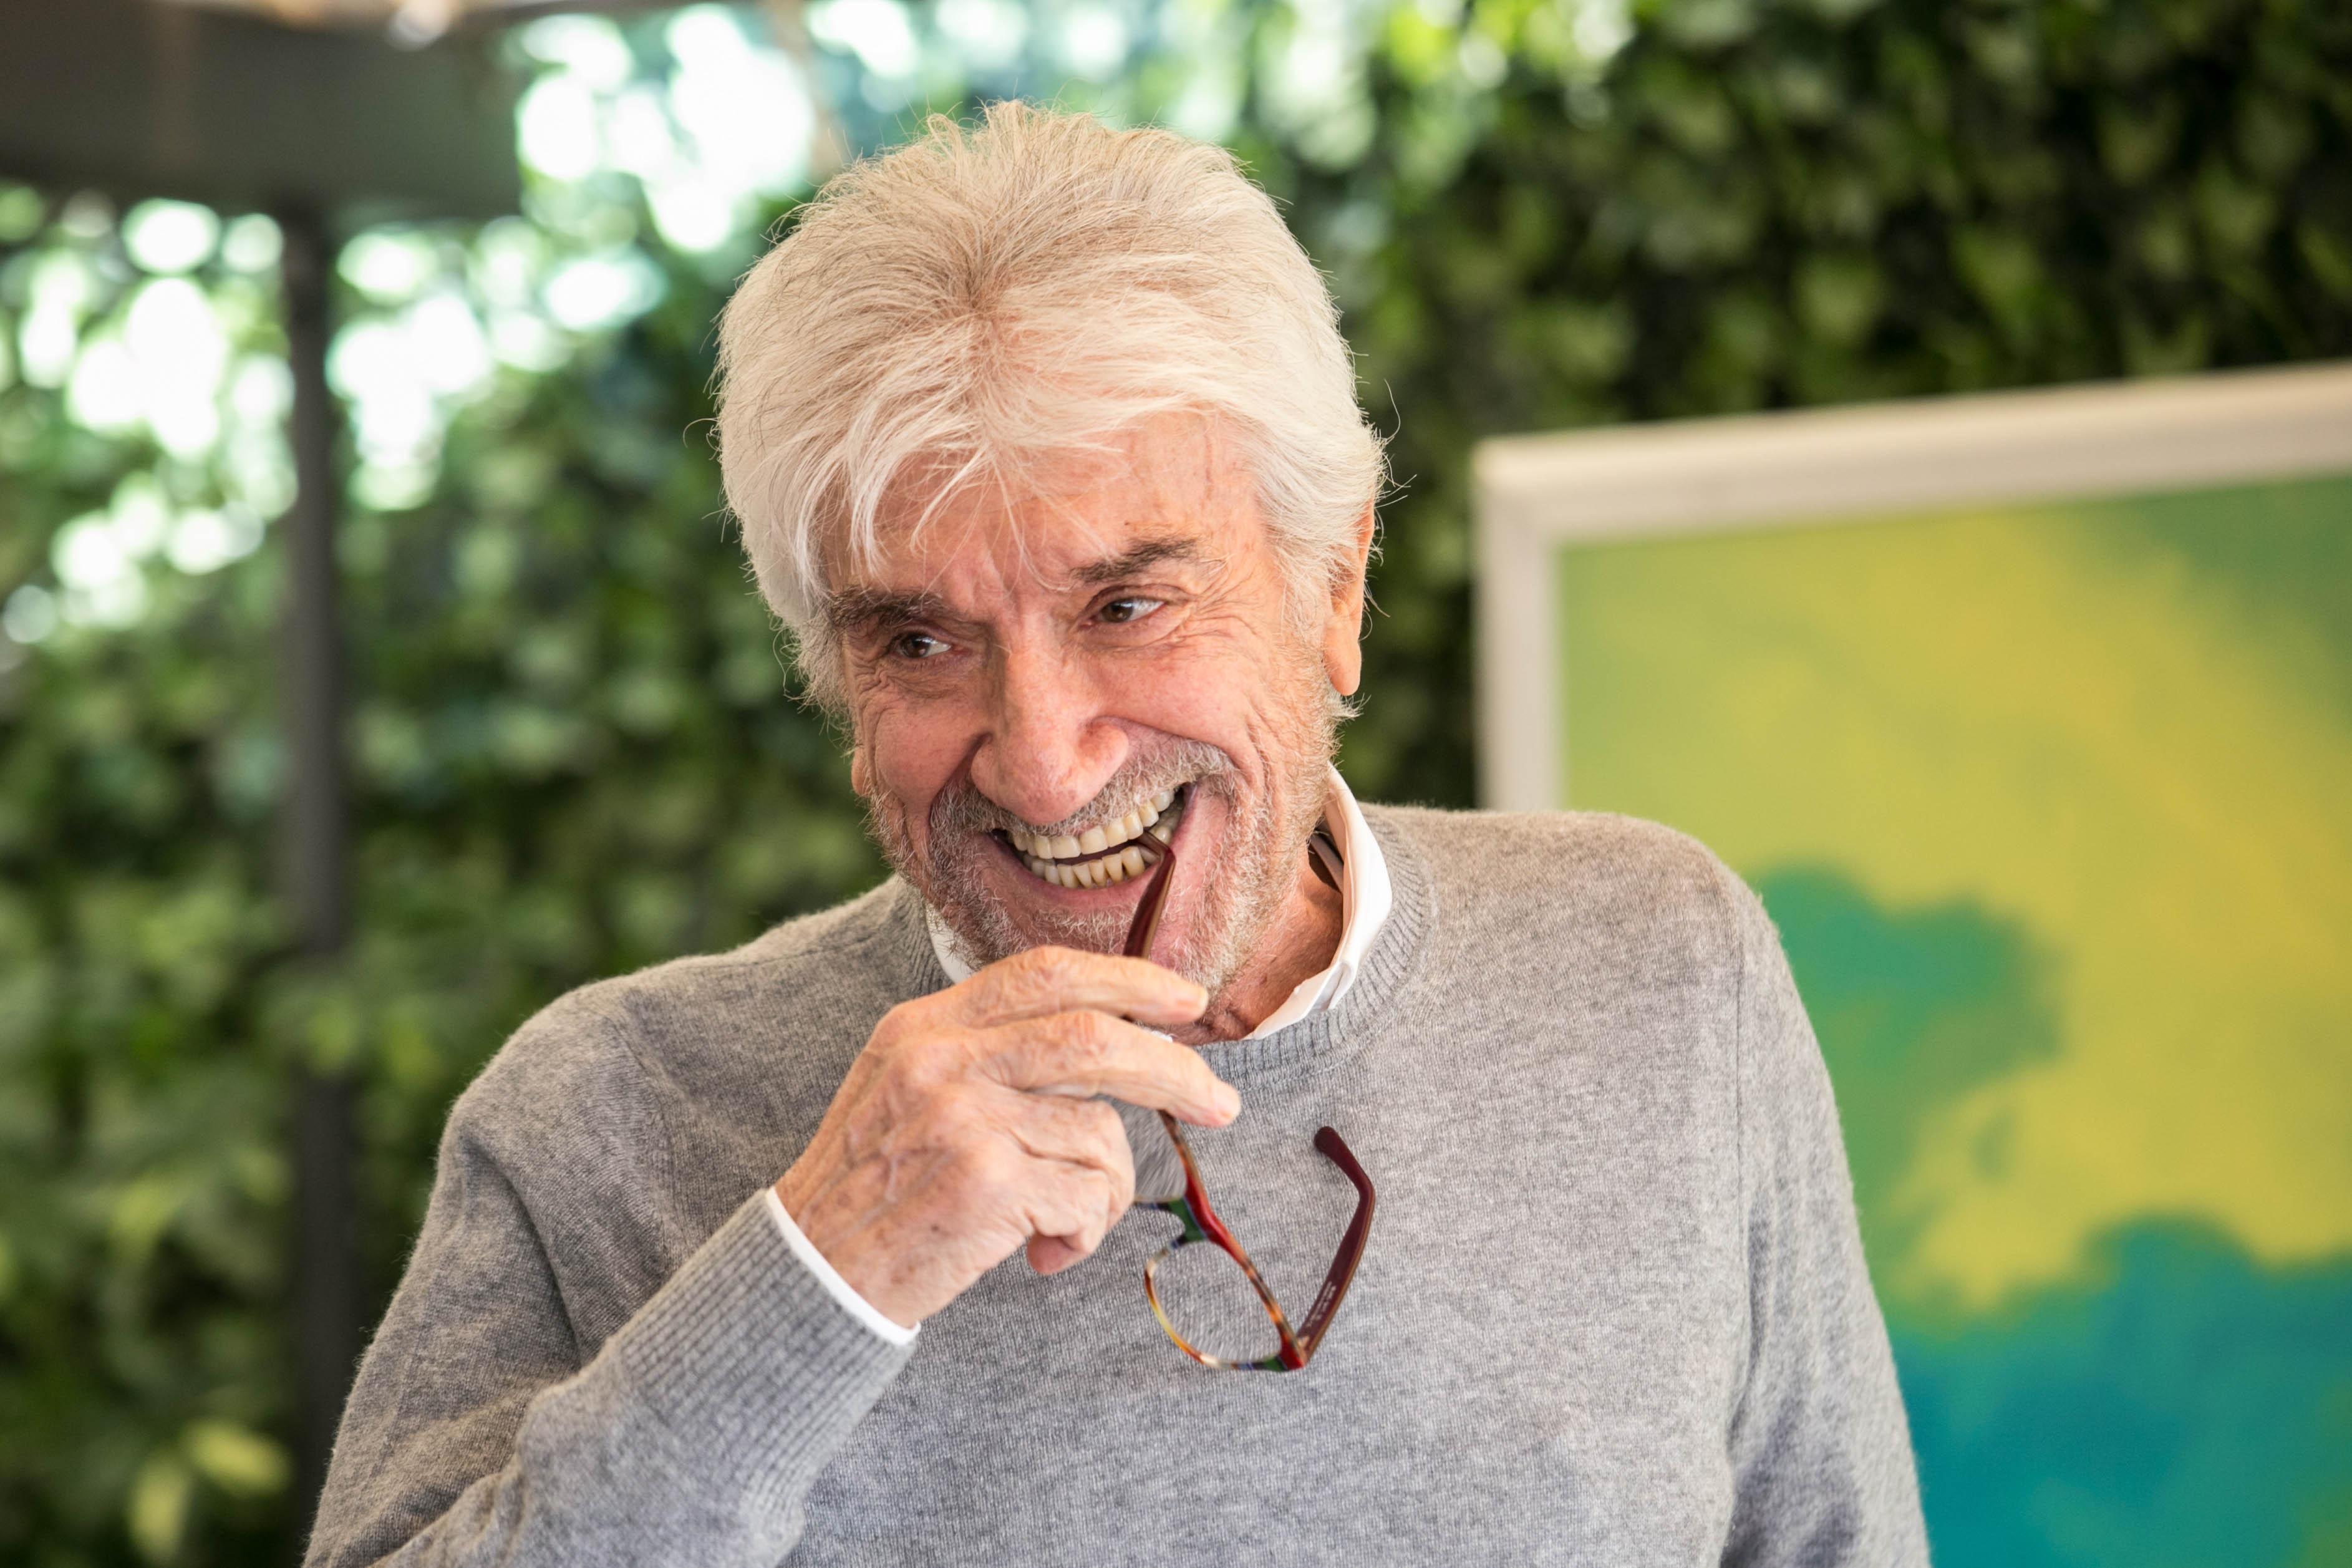 Addio Gigi Proietti: la sua vita e la sua carriera in foto